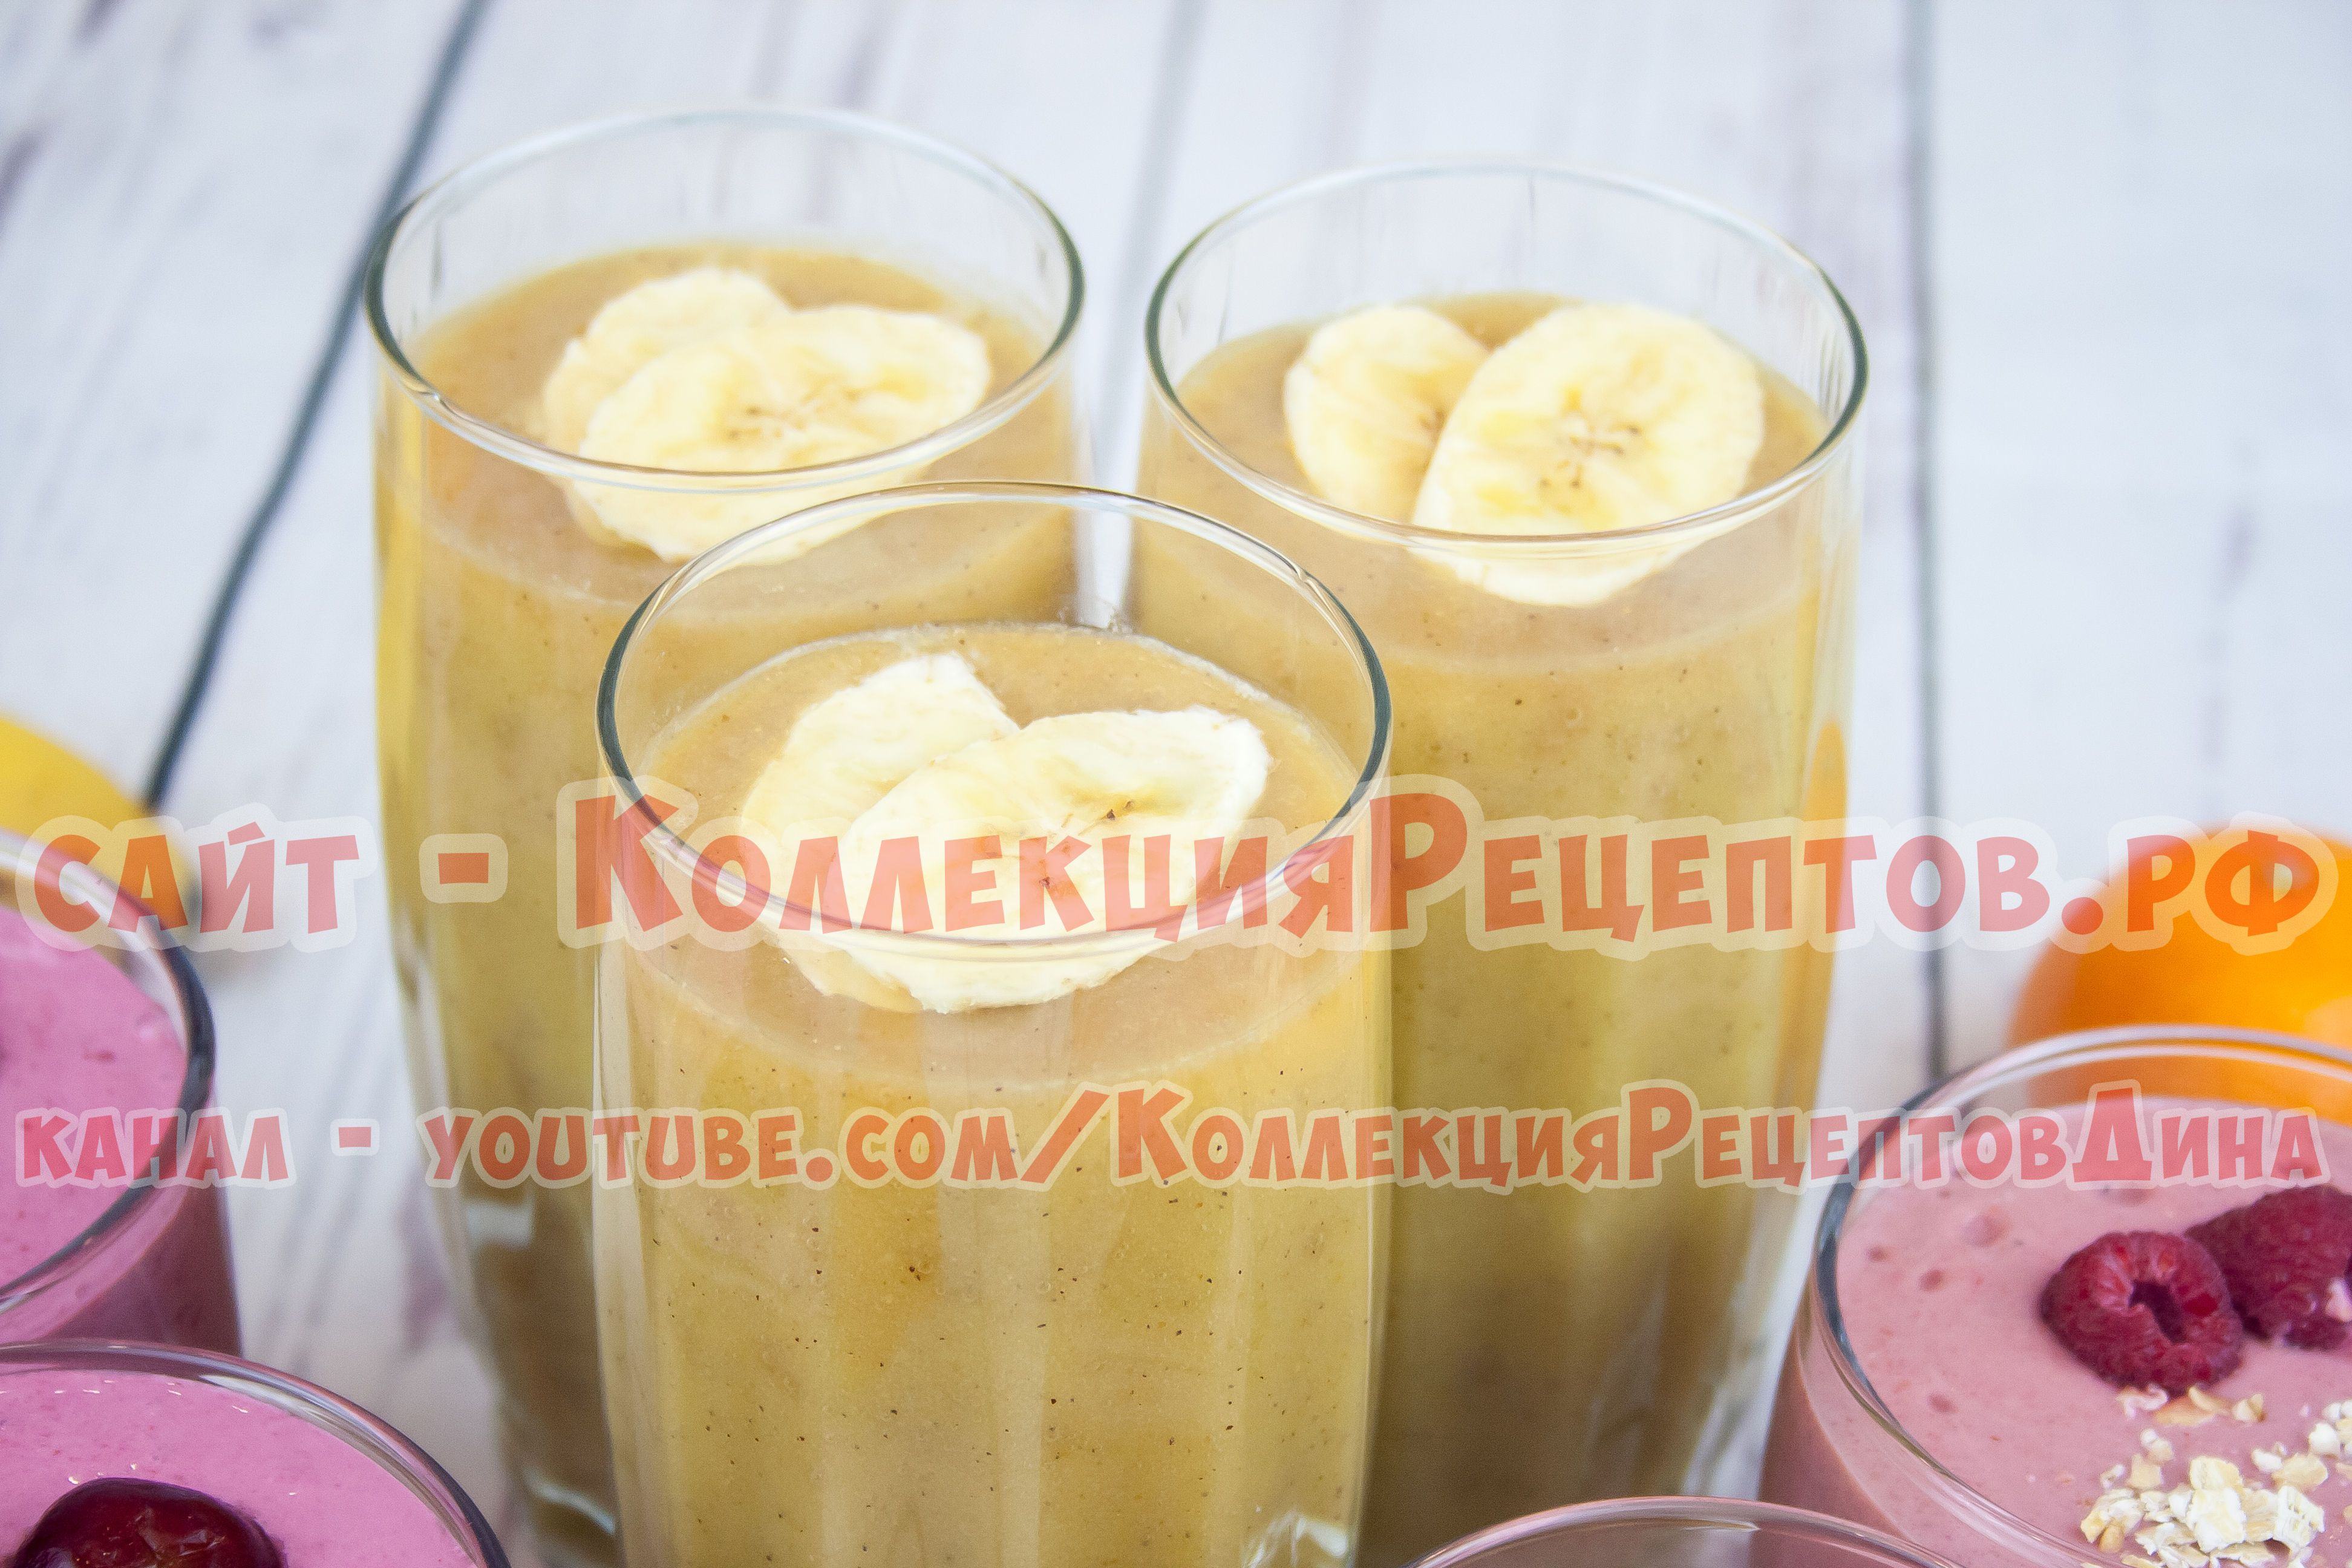 Банановый смузи с молоком рецепт пошагово